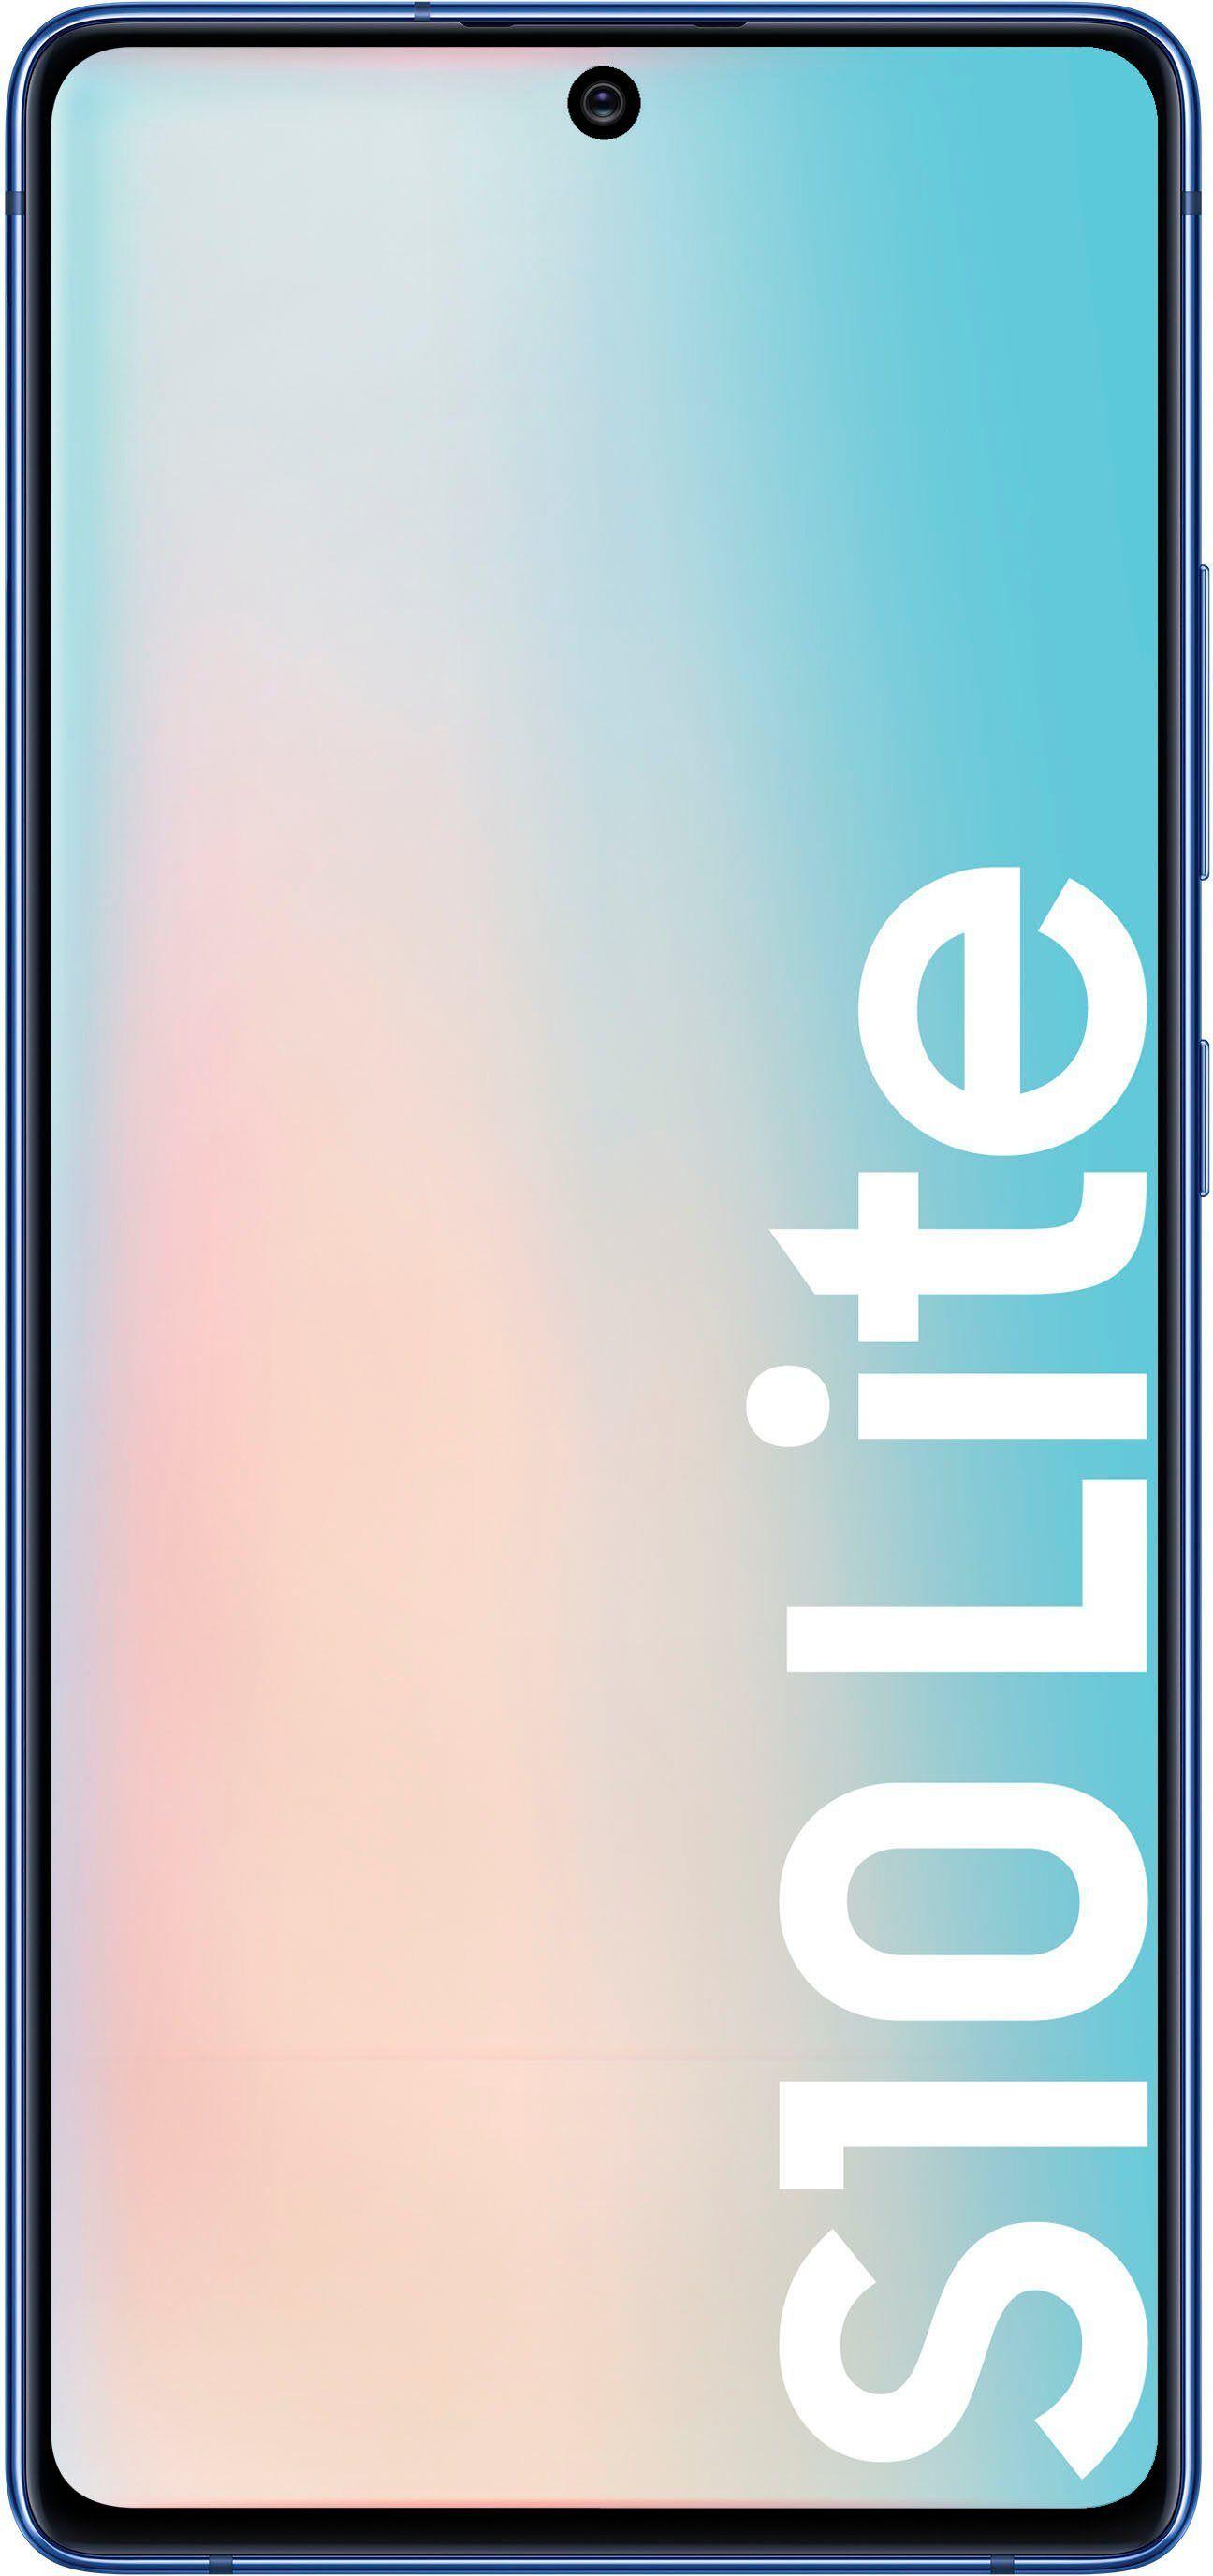 Samsung Galaxy S10 Lite Smartphone (16,95 cm/6,7 Zoll, 128 GB Speicherplatz, 48 MP Kamera), prism blue